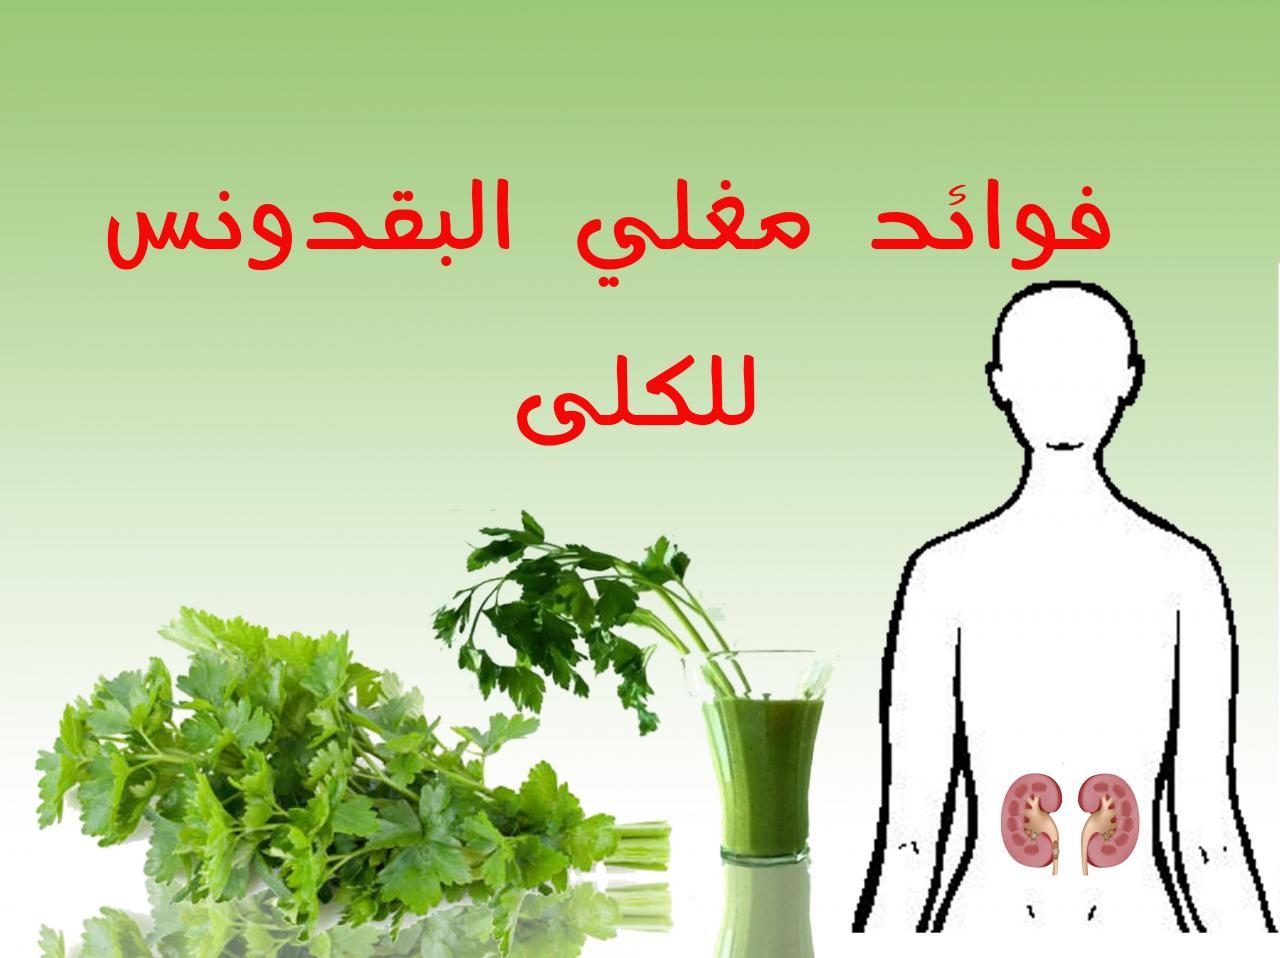 صورة علاج الكلى بالاعشاب , تداوا من خير الطبيعة 798 2